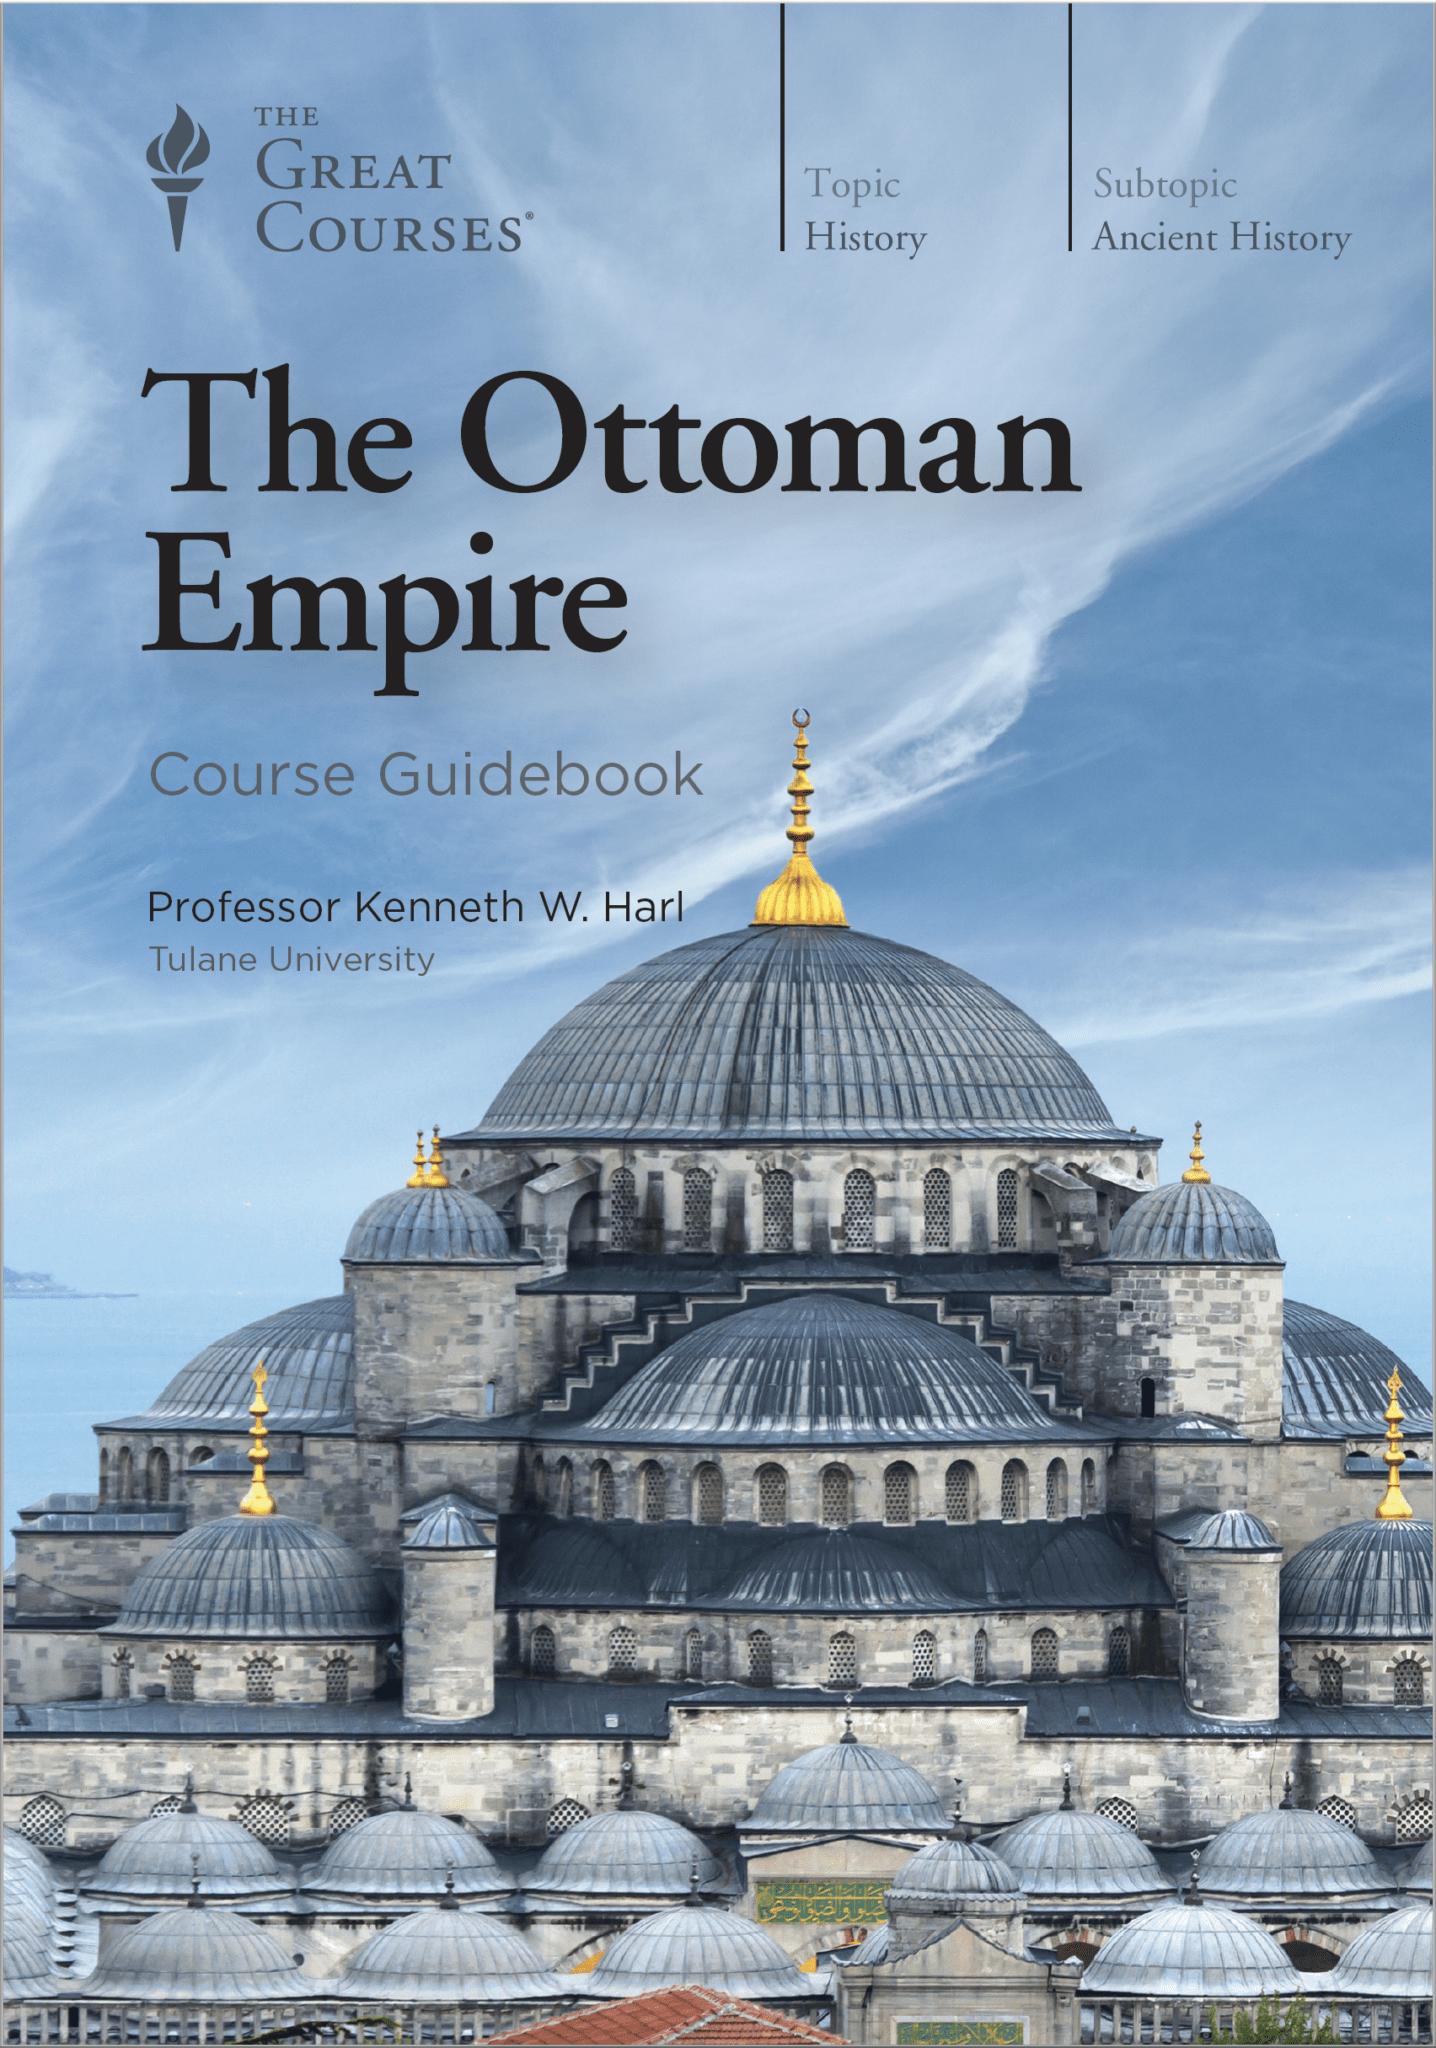 The Ottoman Empire-Kenneth W. Harl, ئېلكىتاب تورى